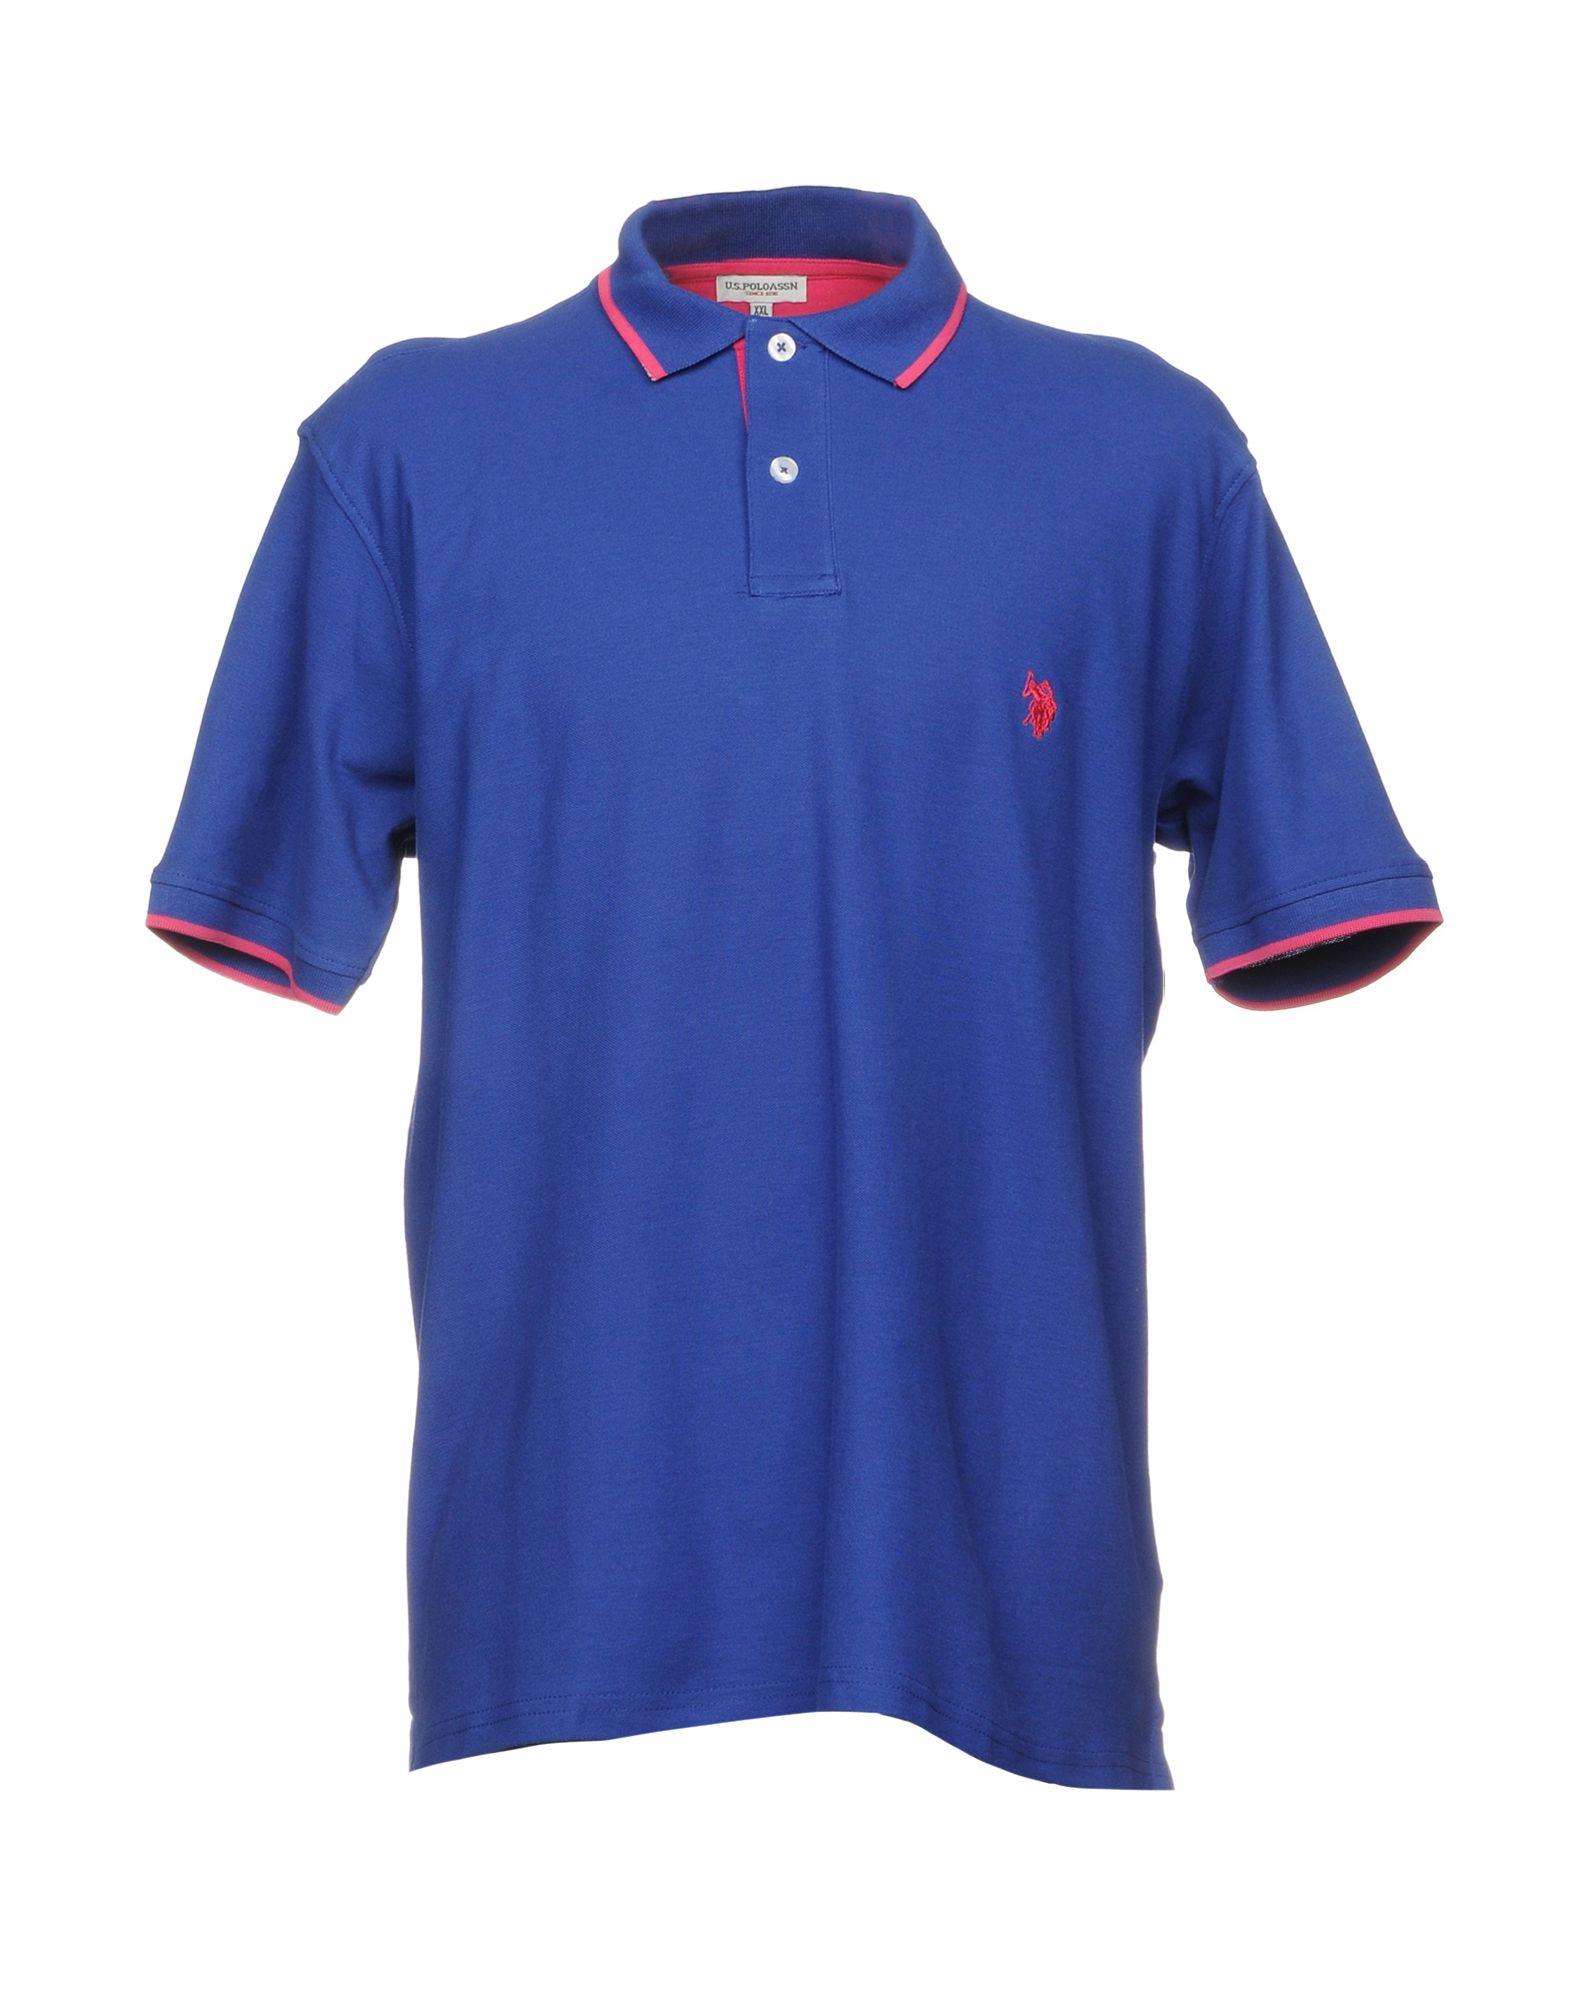 《送料無料》U.S.POLO ASSN. メンズ ポロシャツ ブルー S コットン 100%